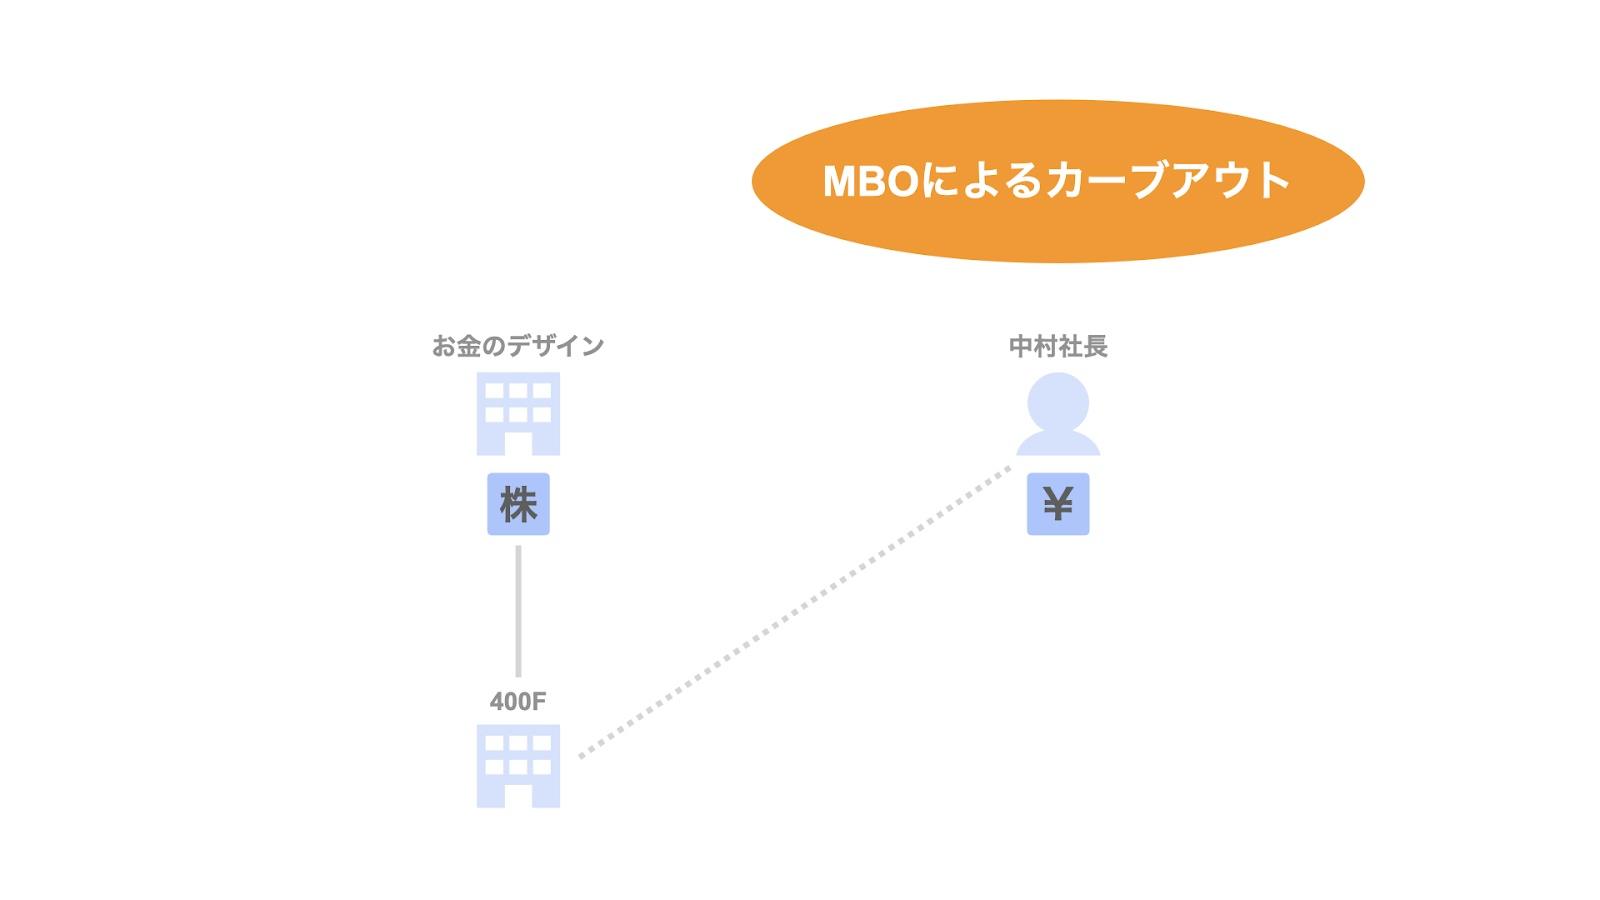 事例1. 400F/MBOによる子会社のカーブアウト